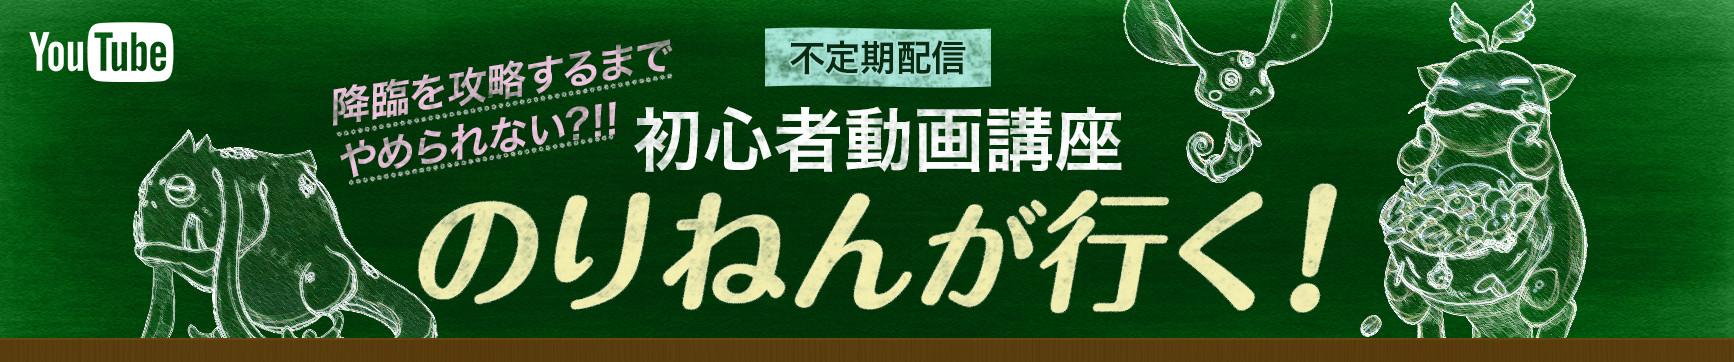 初心者動画講座「のりねんが行く!」